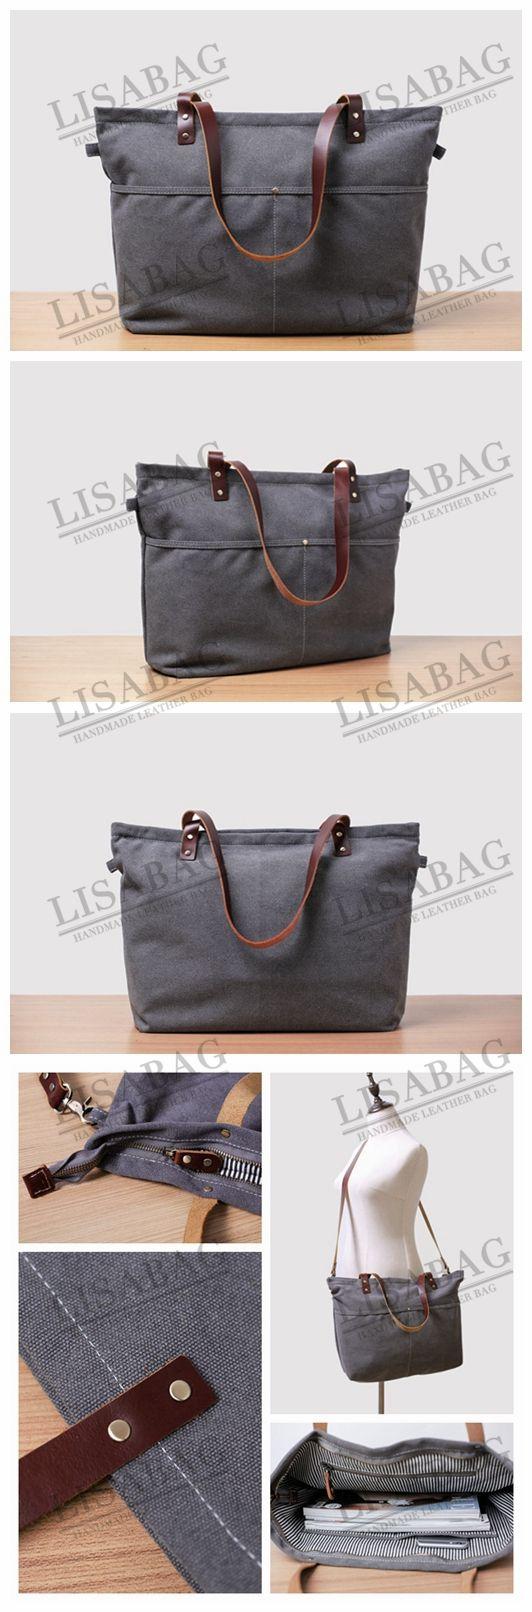 cb96e4a49a Handmade Gray Canvas Tote Bag Messenger Bag Shopper Bag School Bag Handbag  14022 - Gray